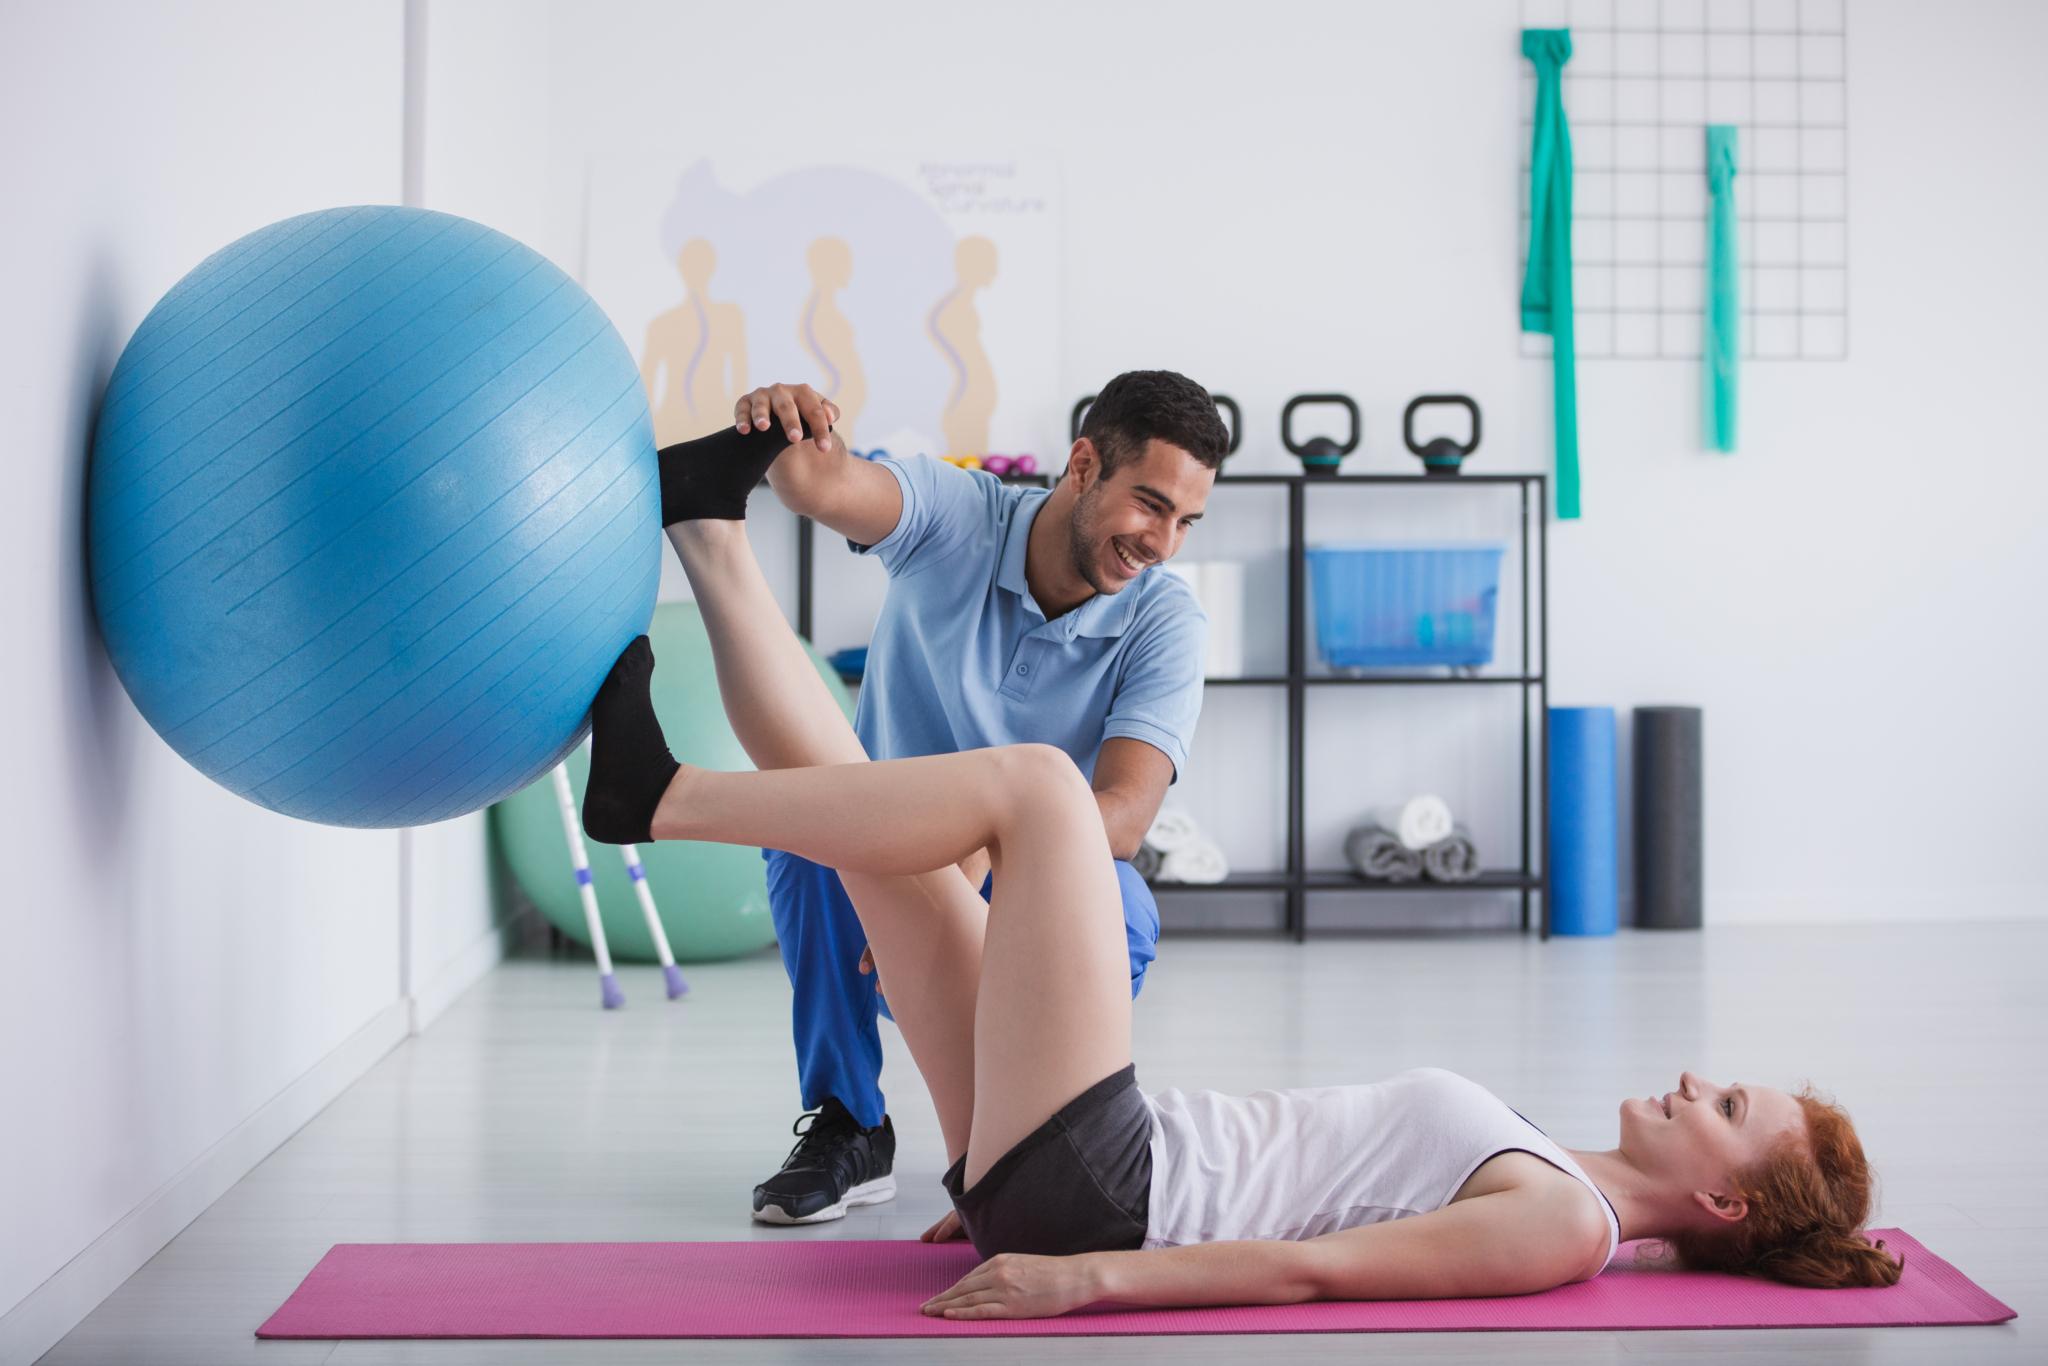 Physiotherapeut, der einer Patientin hilft, Übungen mit einem Gymnastikball durchzuführt (Fotocredit: Adobe Stock 2021)